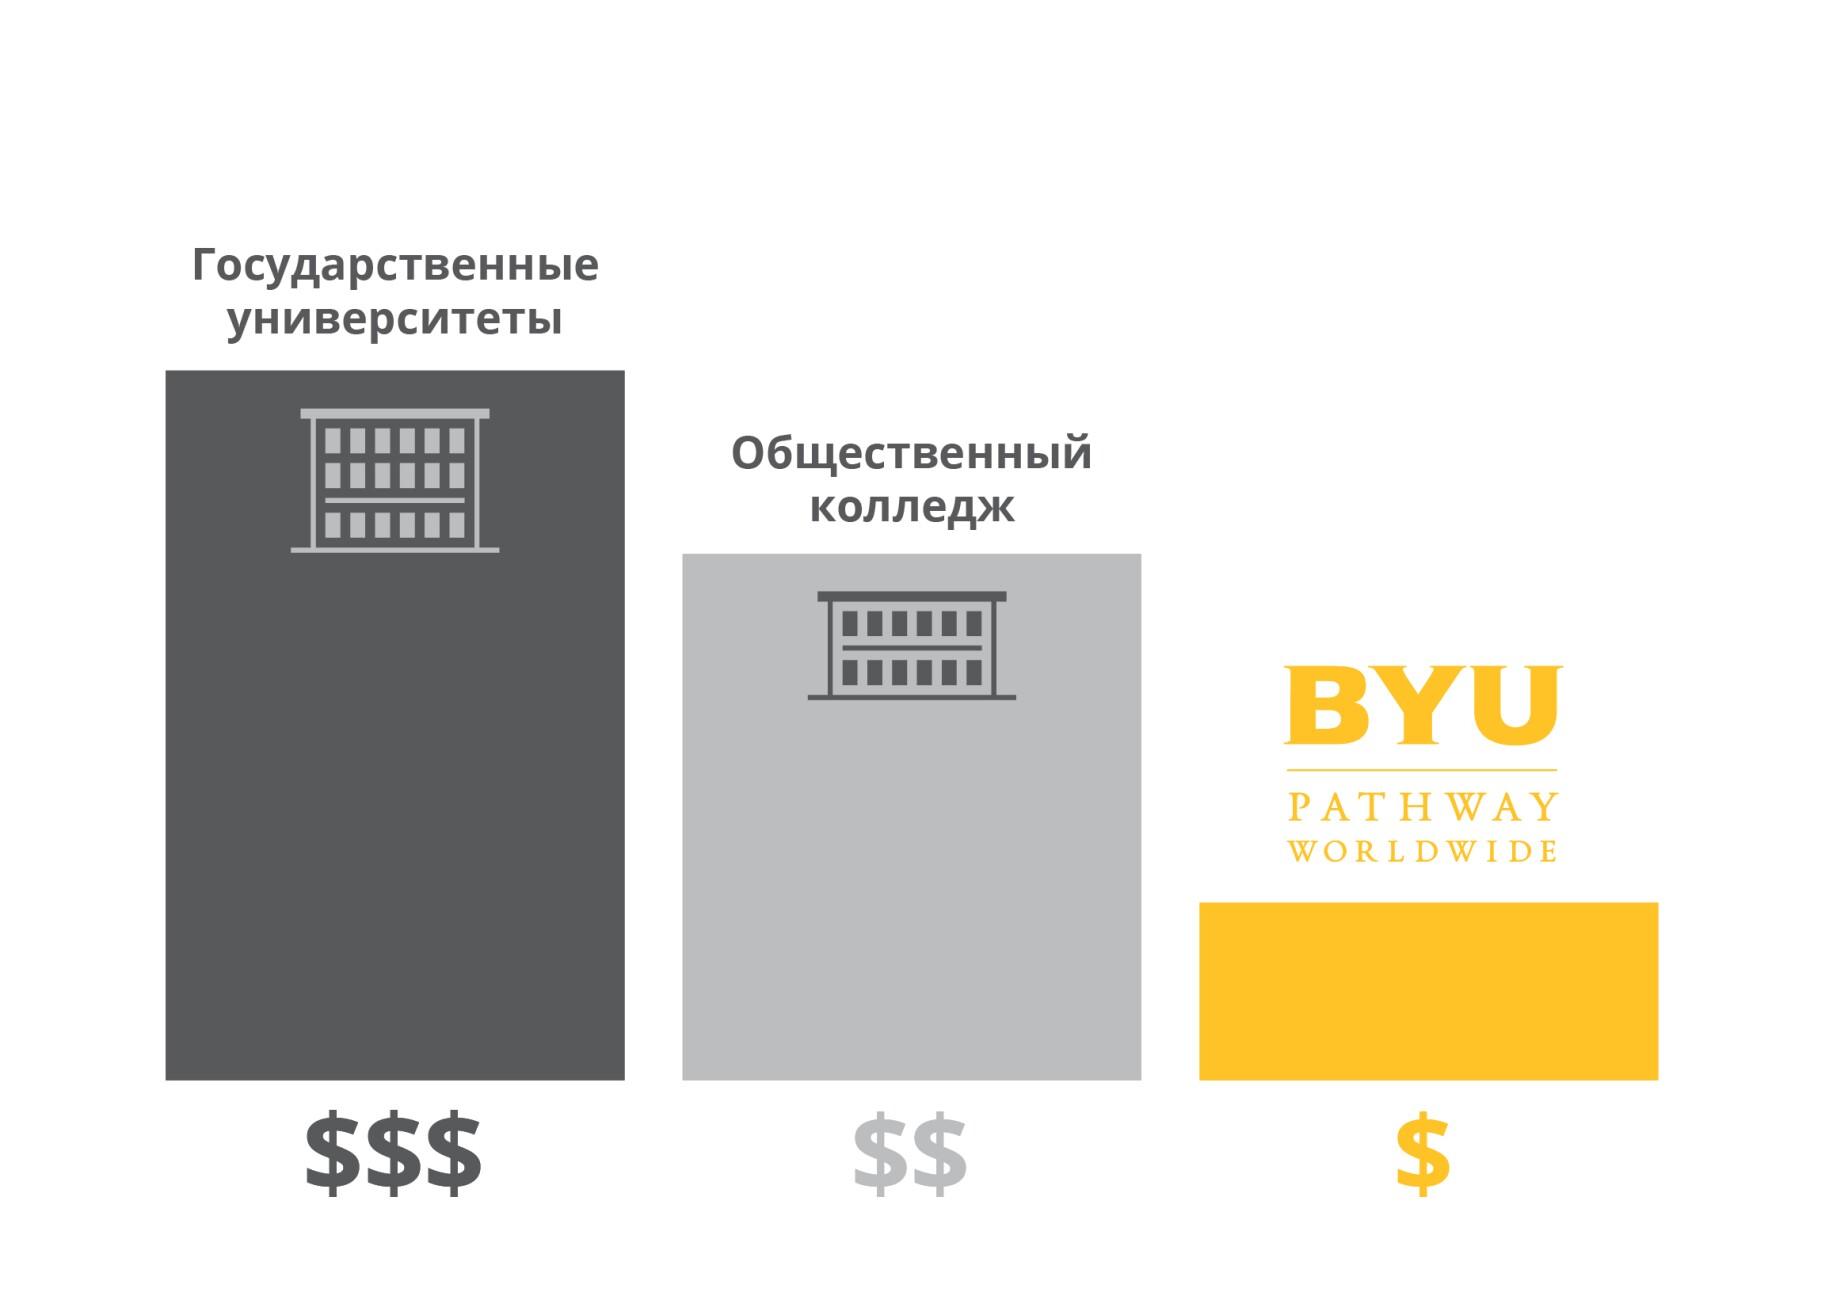 Tuition Cost Comparison - Russian